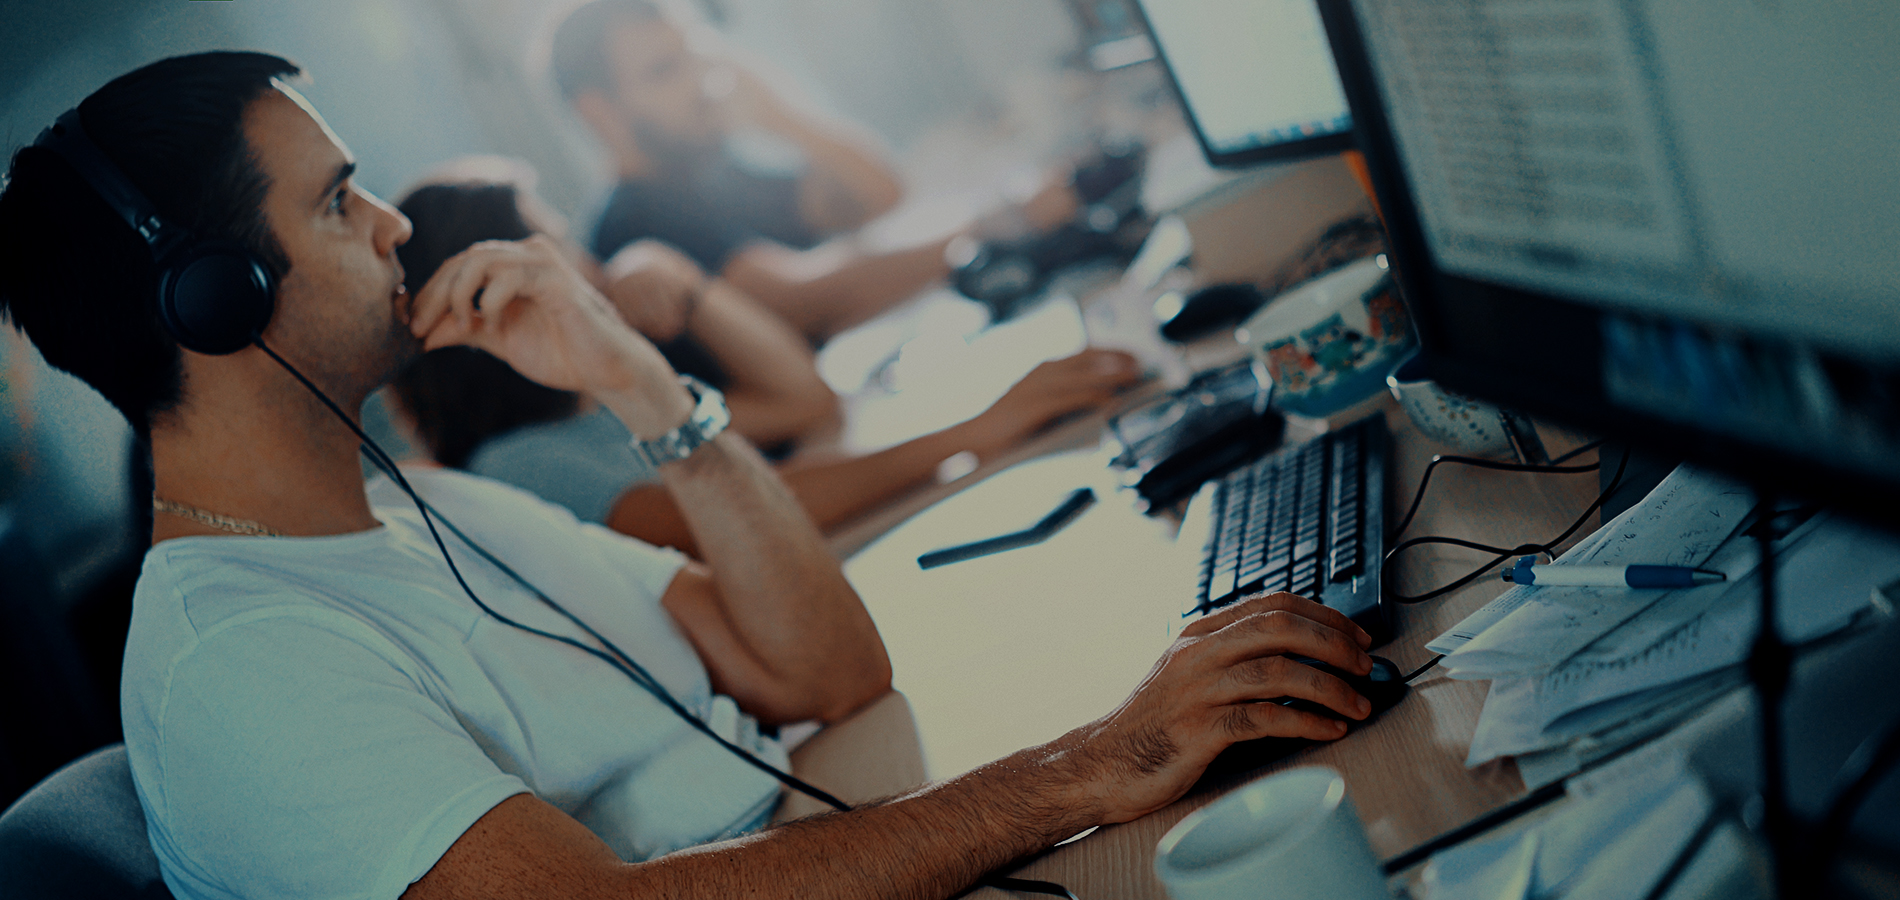 Cyber Slider Image - software developers at work